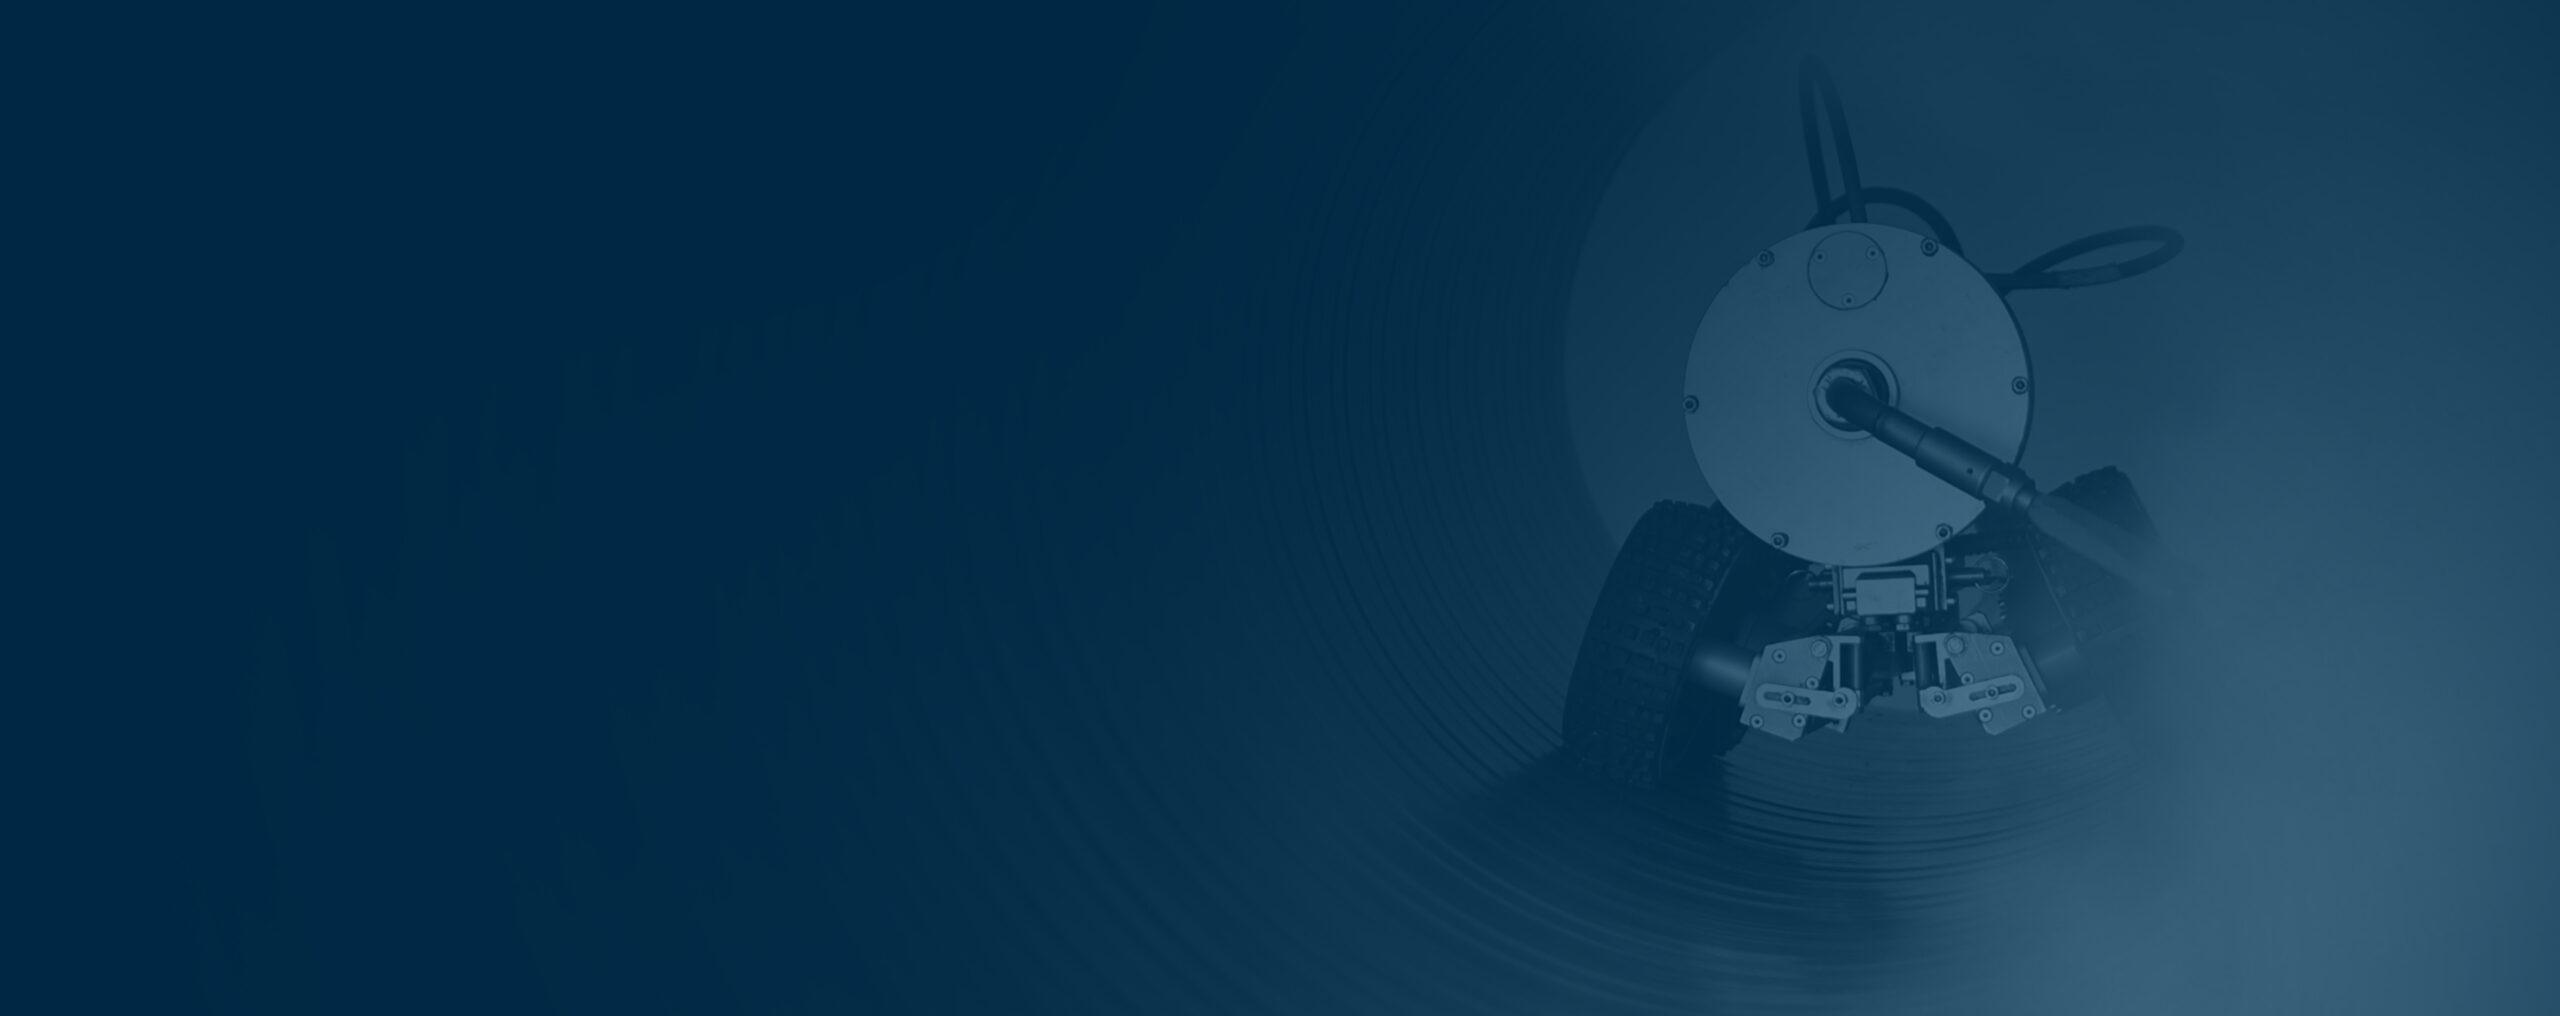 Alkion - Inspekční služby aporadenství